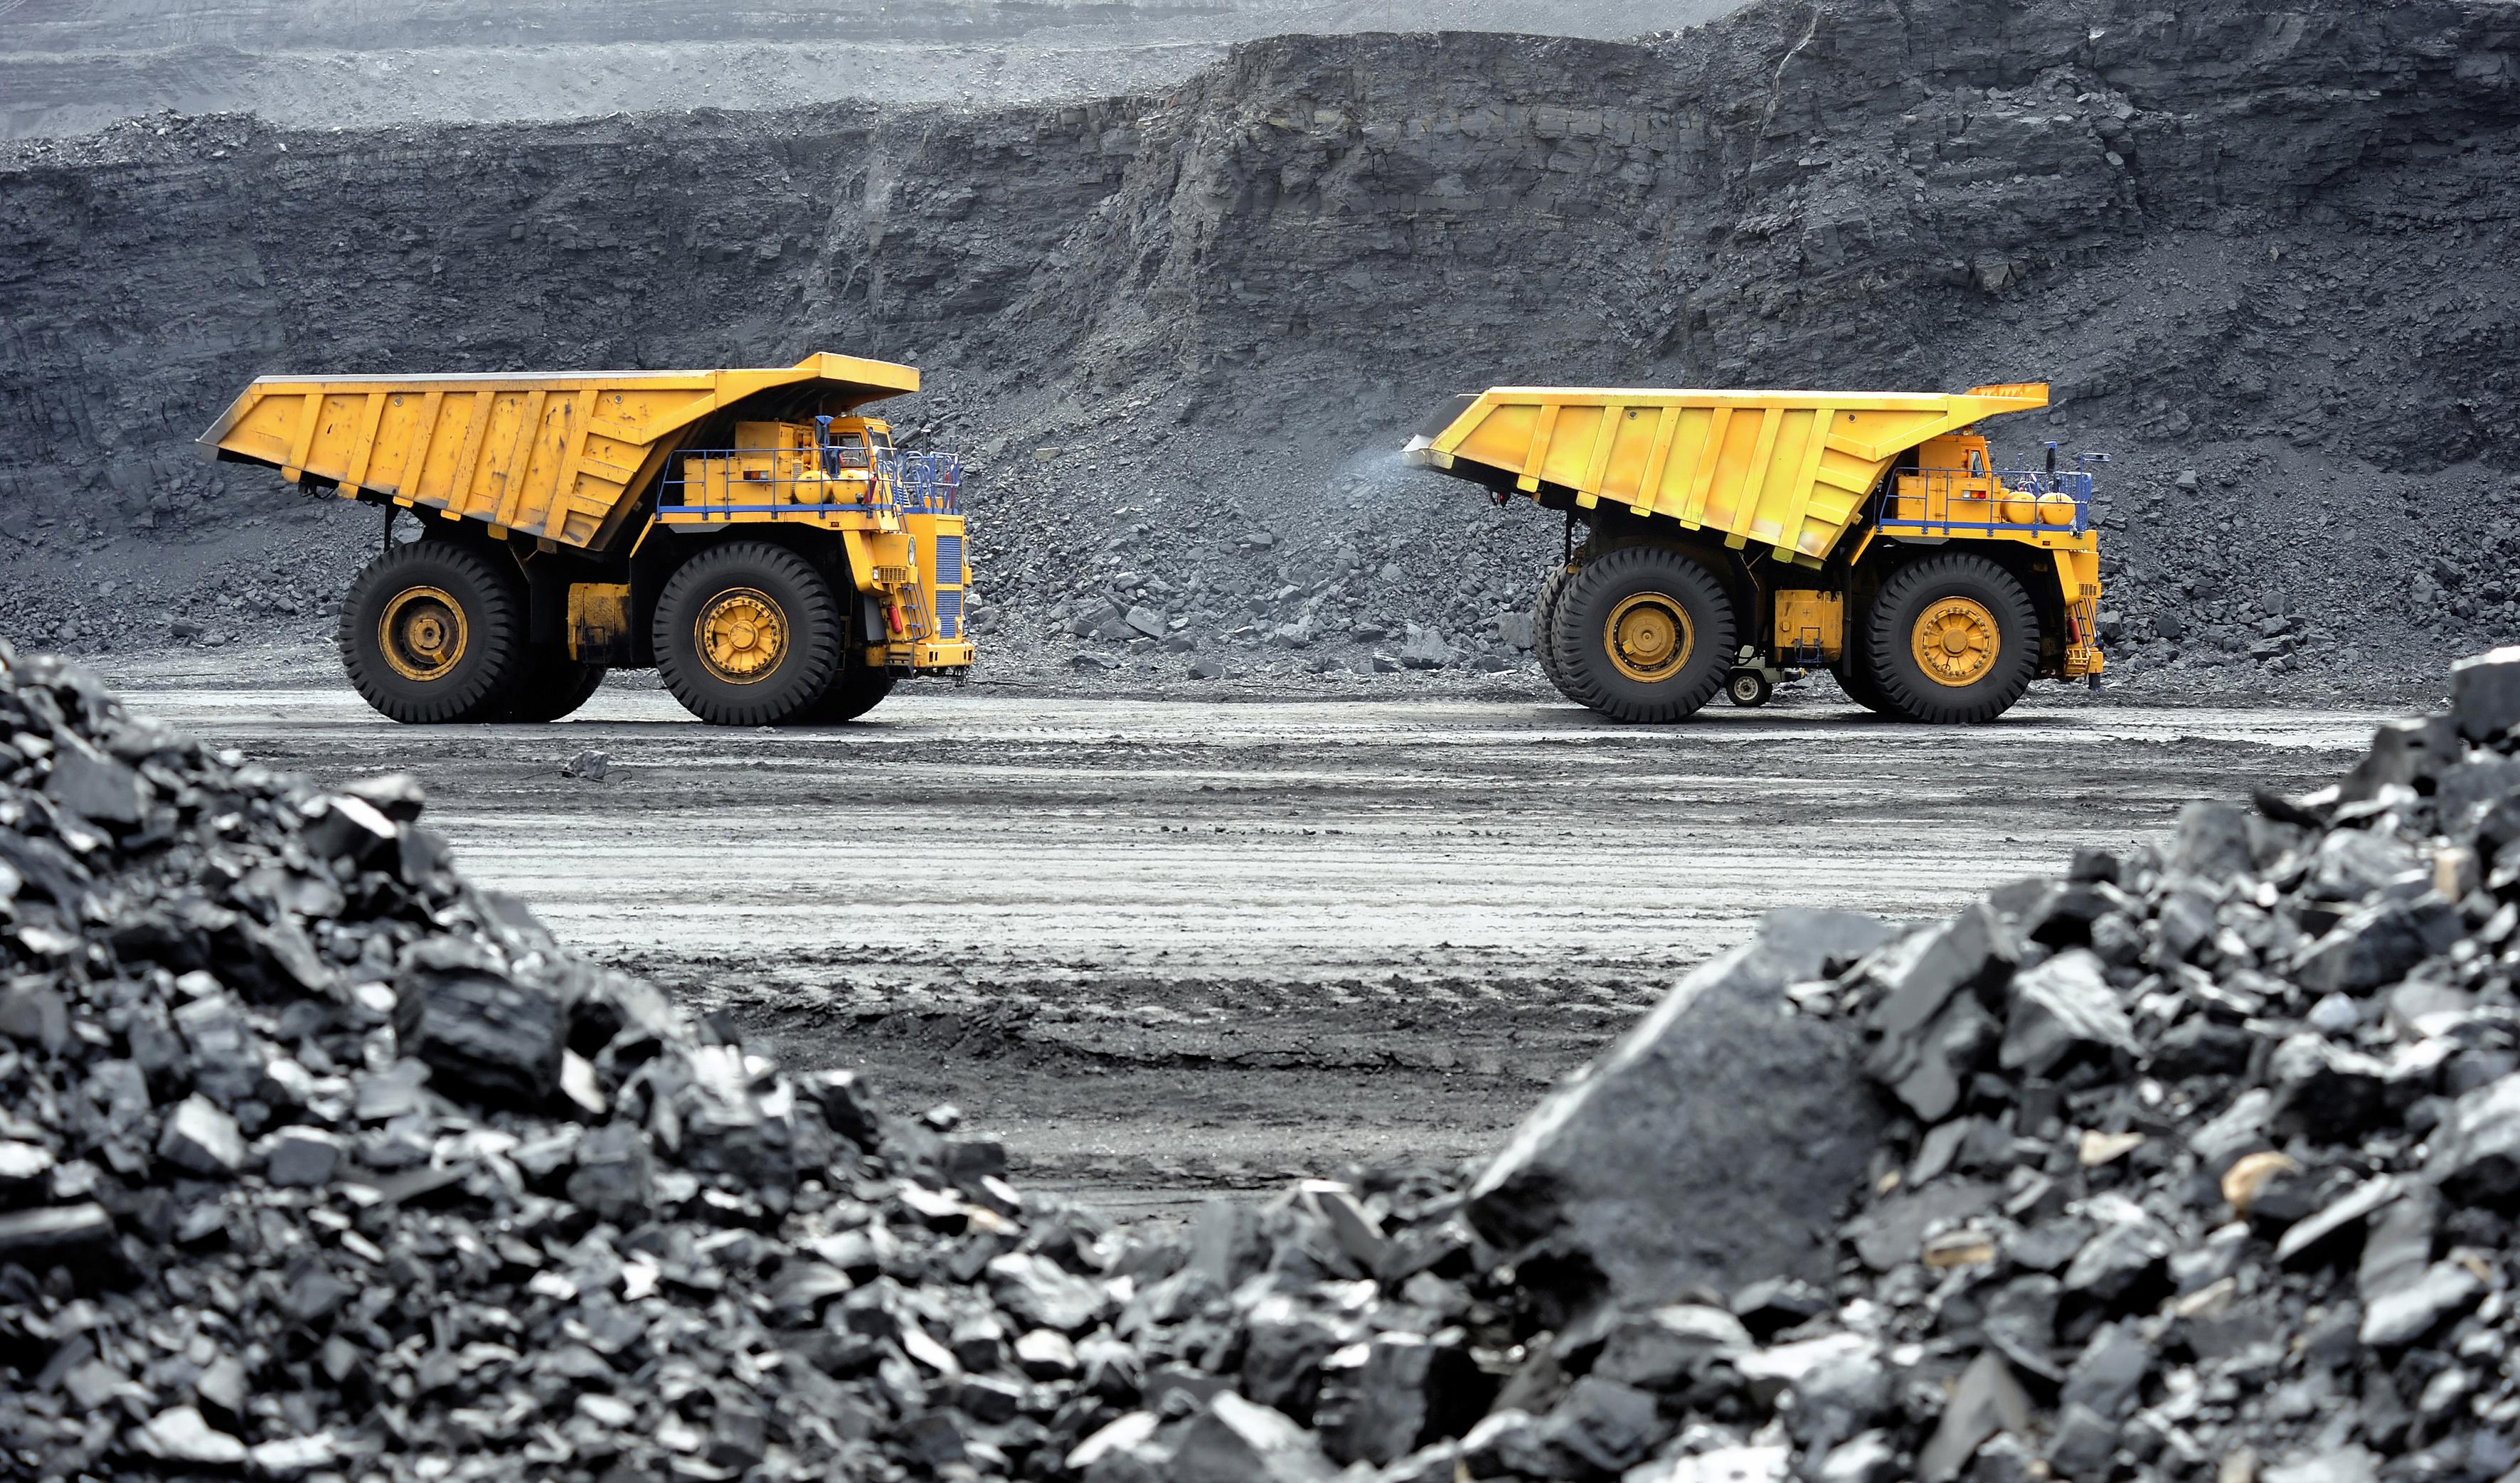 تخصیص 125 هزار میلیارد ریال برای راه اندازی 60 طرح صنعتی و معدنی